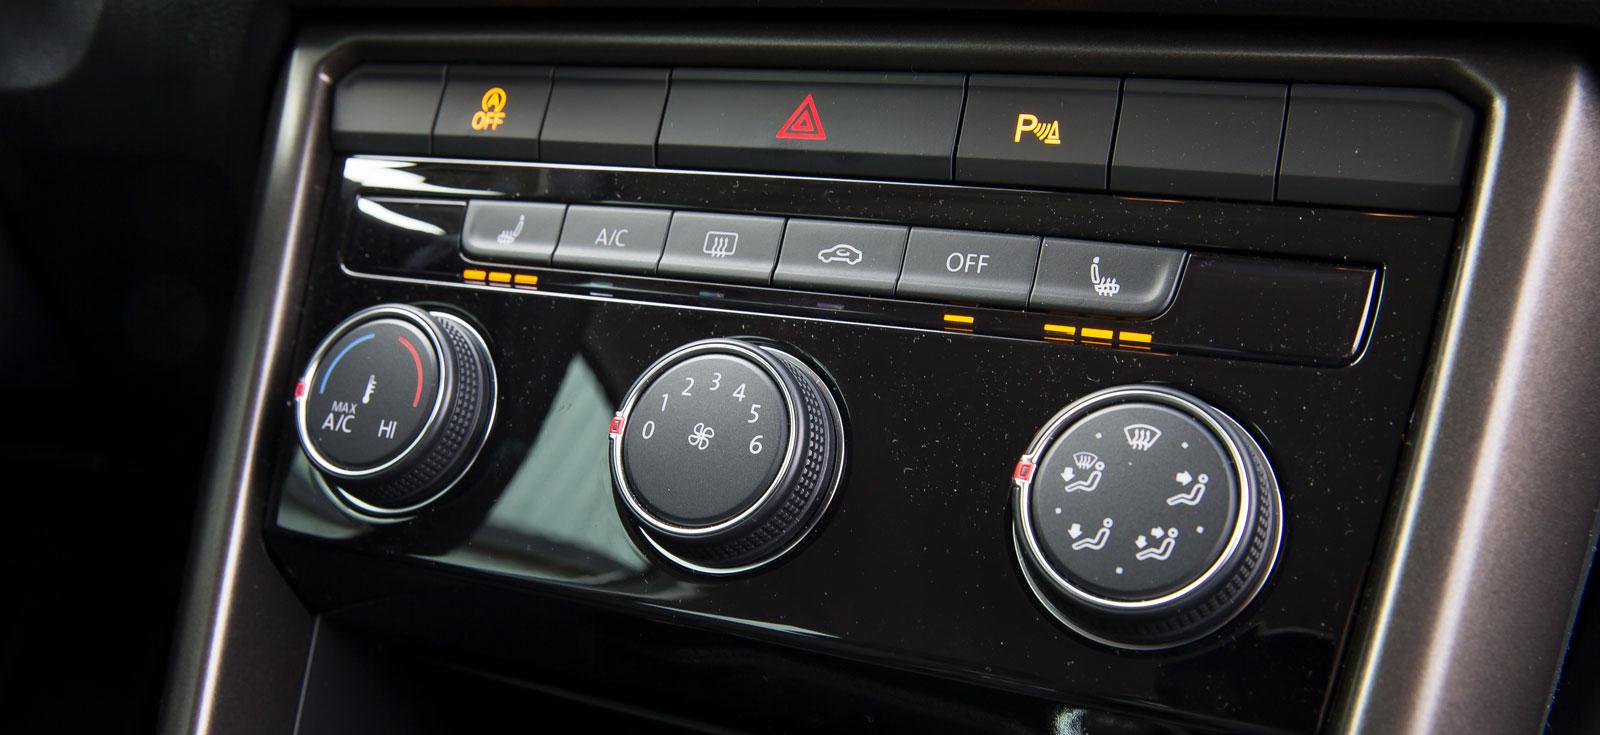 Bara vanlig luftkonditionering följer med på köpet om man väljer VW i basutförande. Den som vill ha automatisk klimatanläggning får finna sig i att betala 5600 kronor extra.